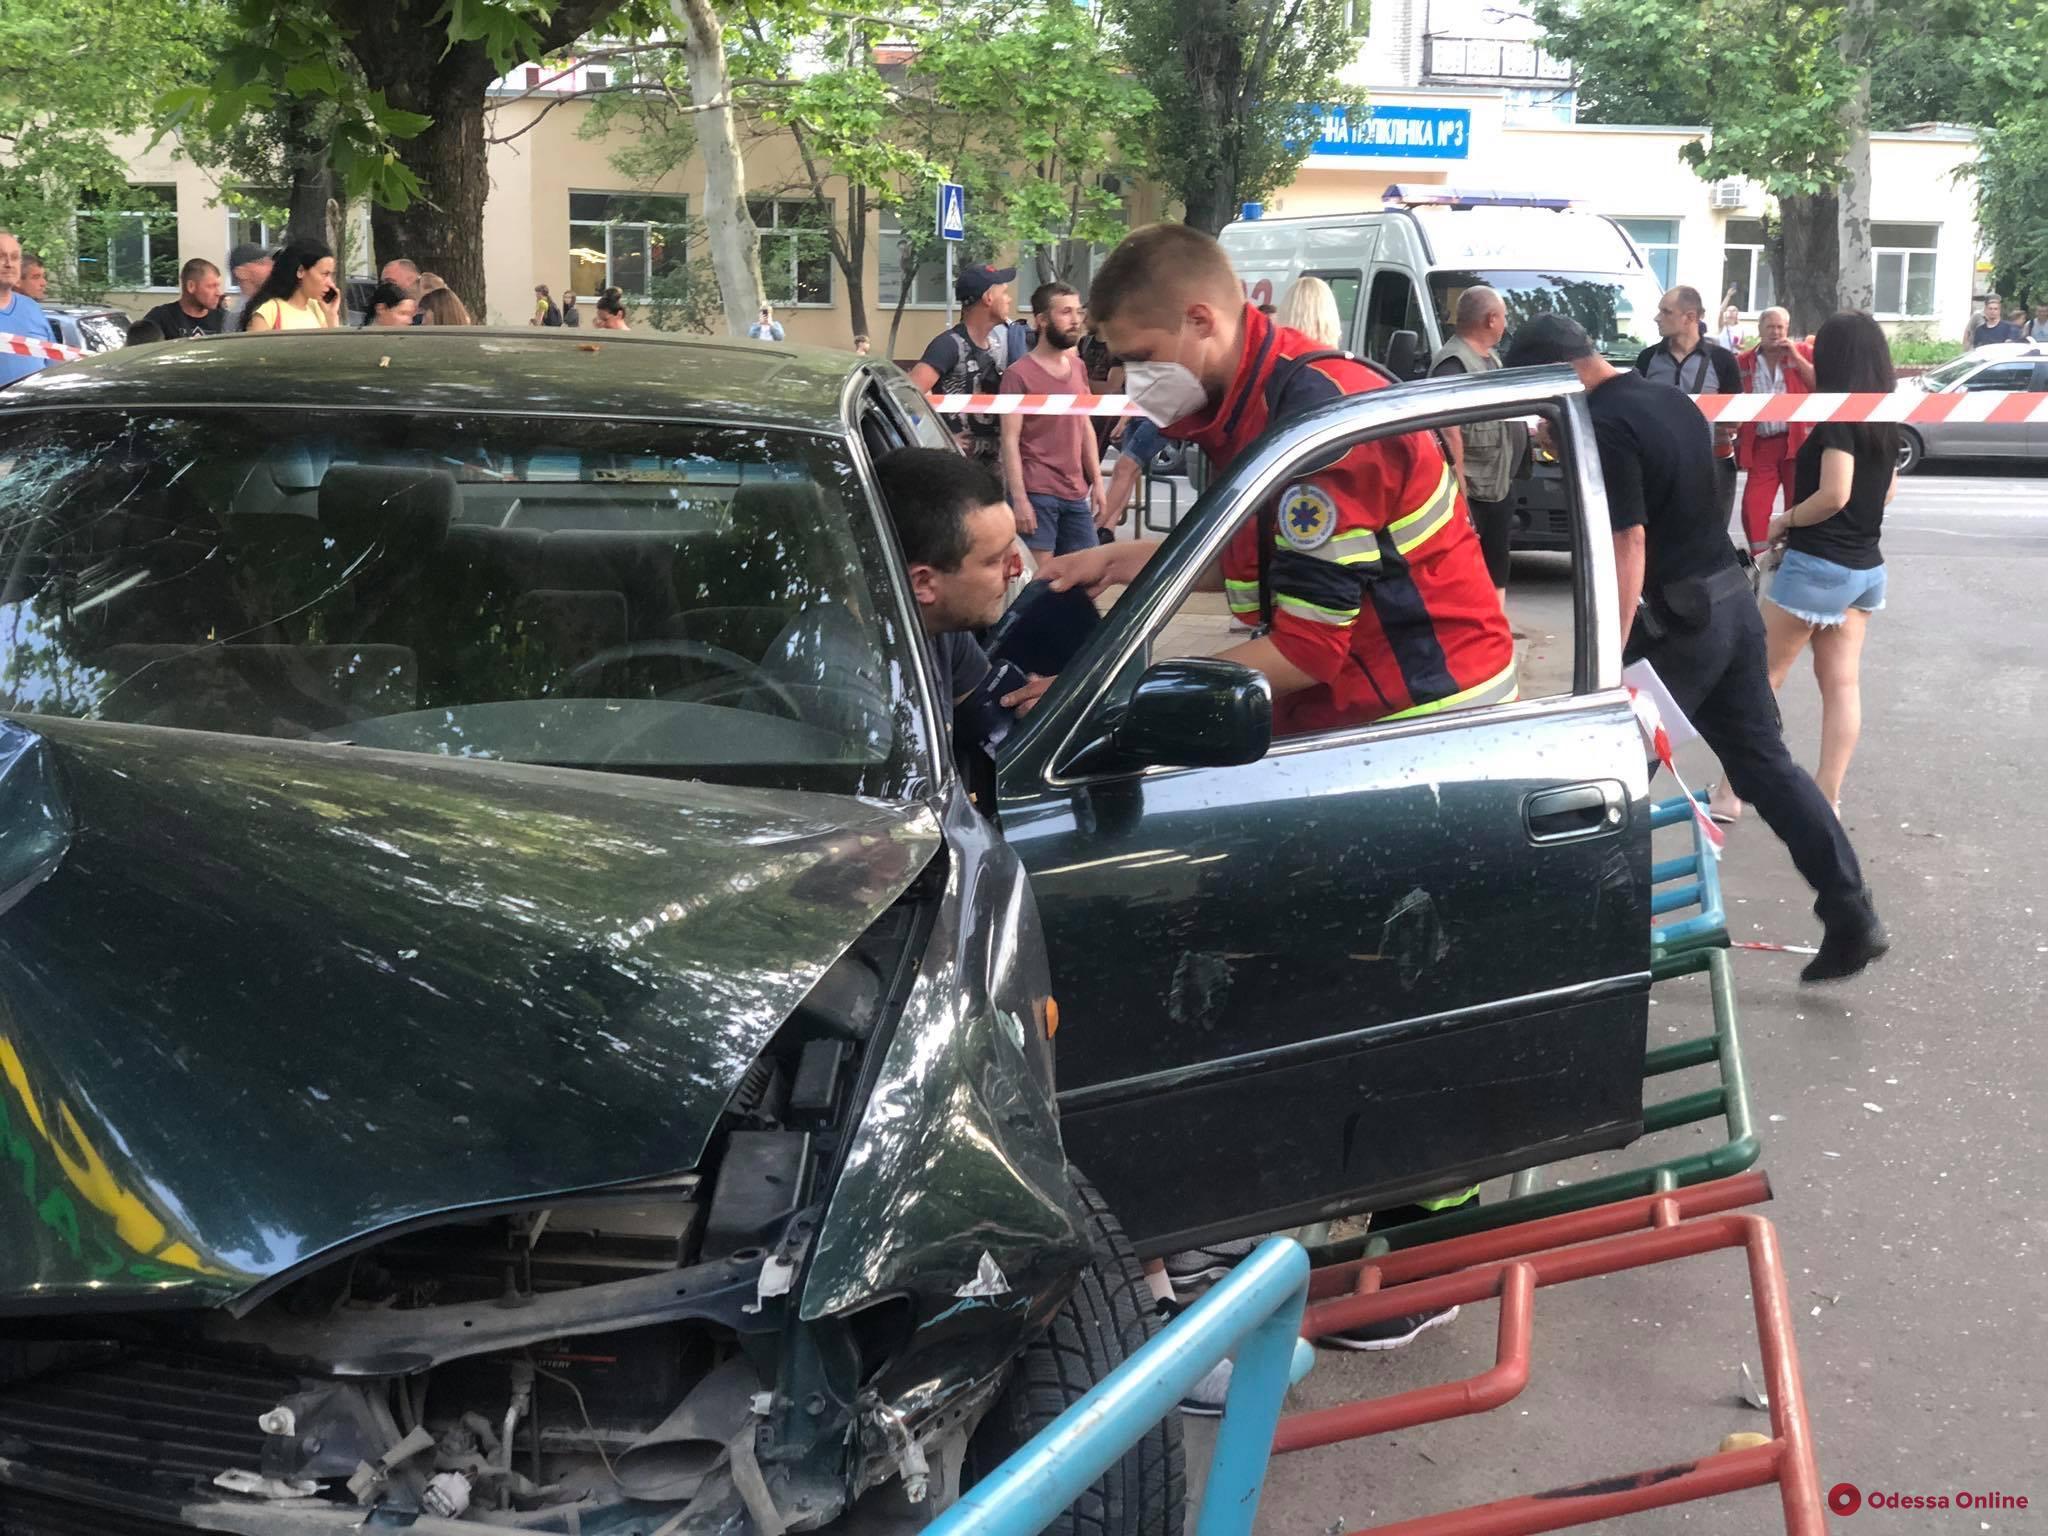 Стало плохо за рулем: на Таирова автомобиль выехал с дороги и сбил пешехода (фото, видео, обновлено)